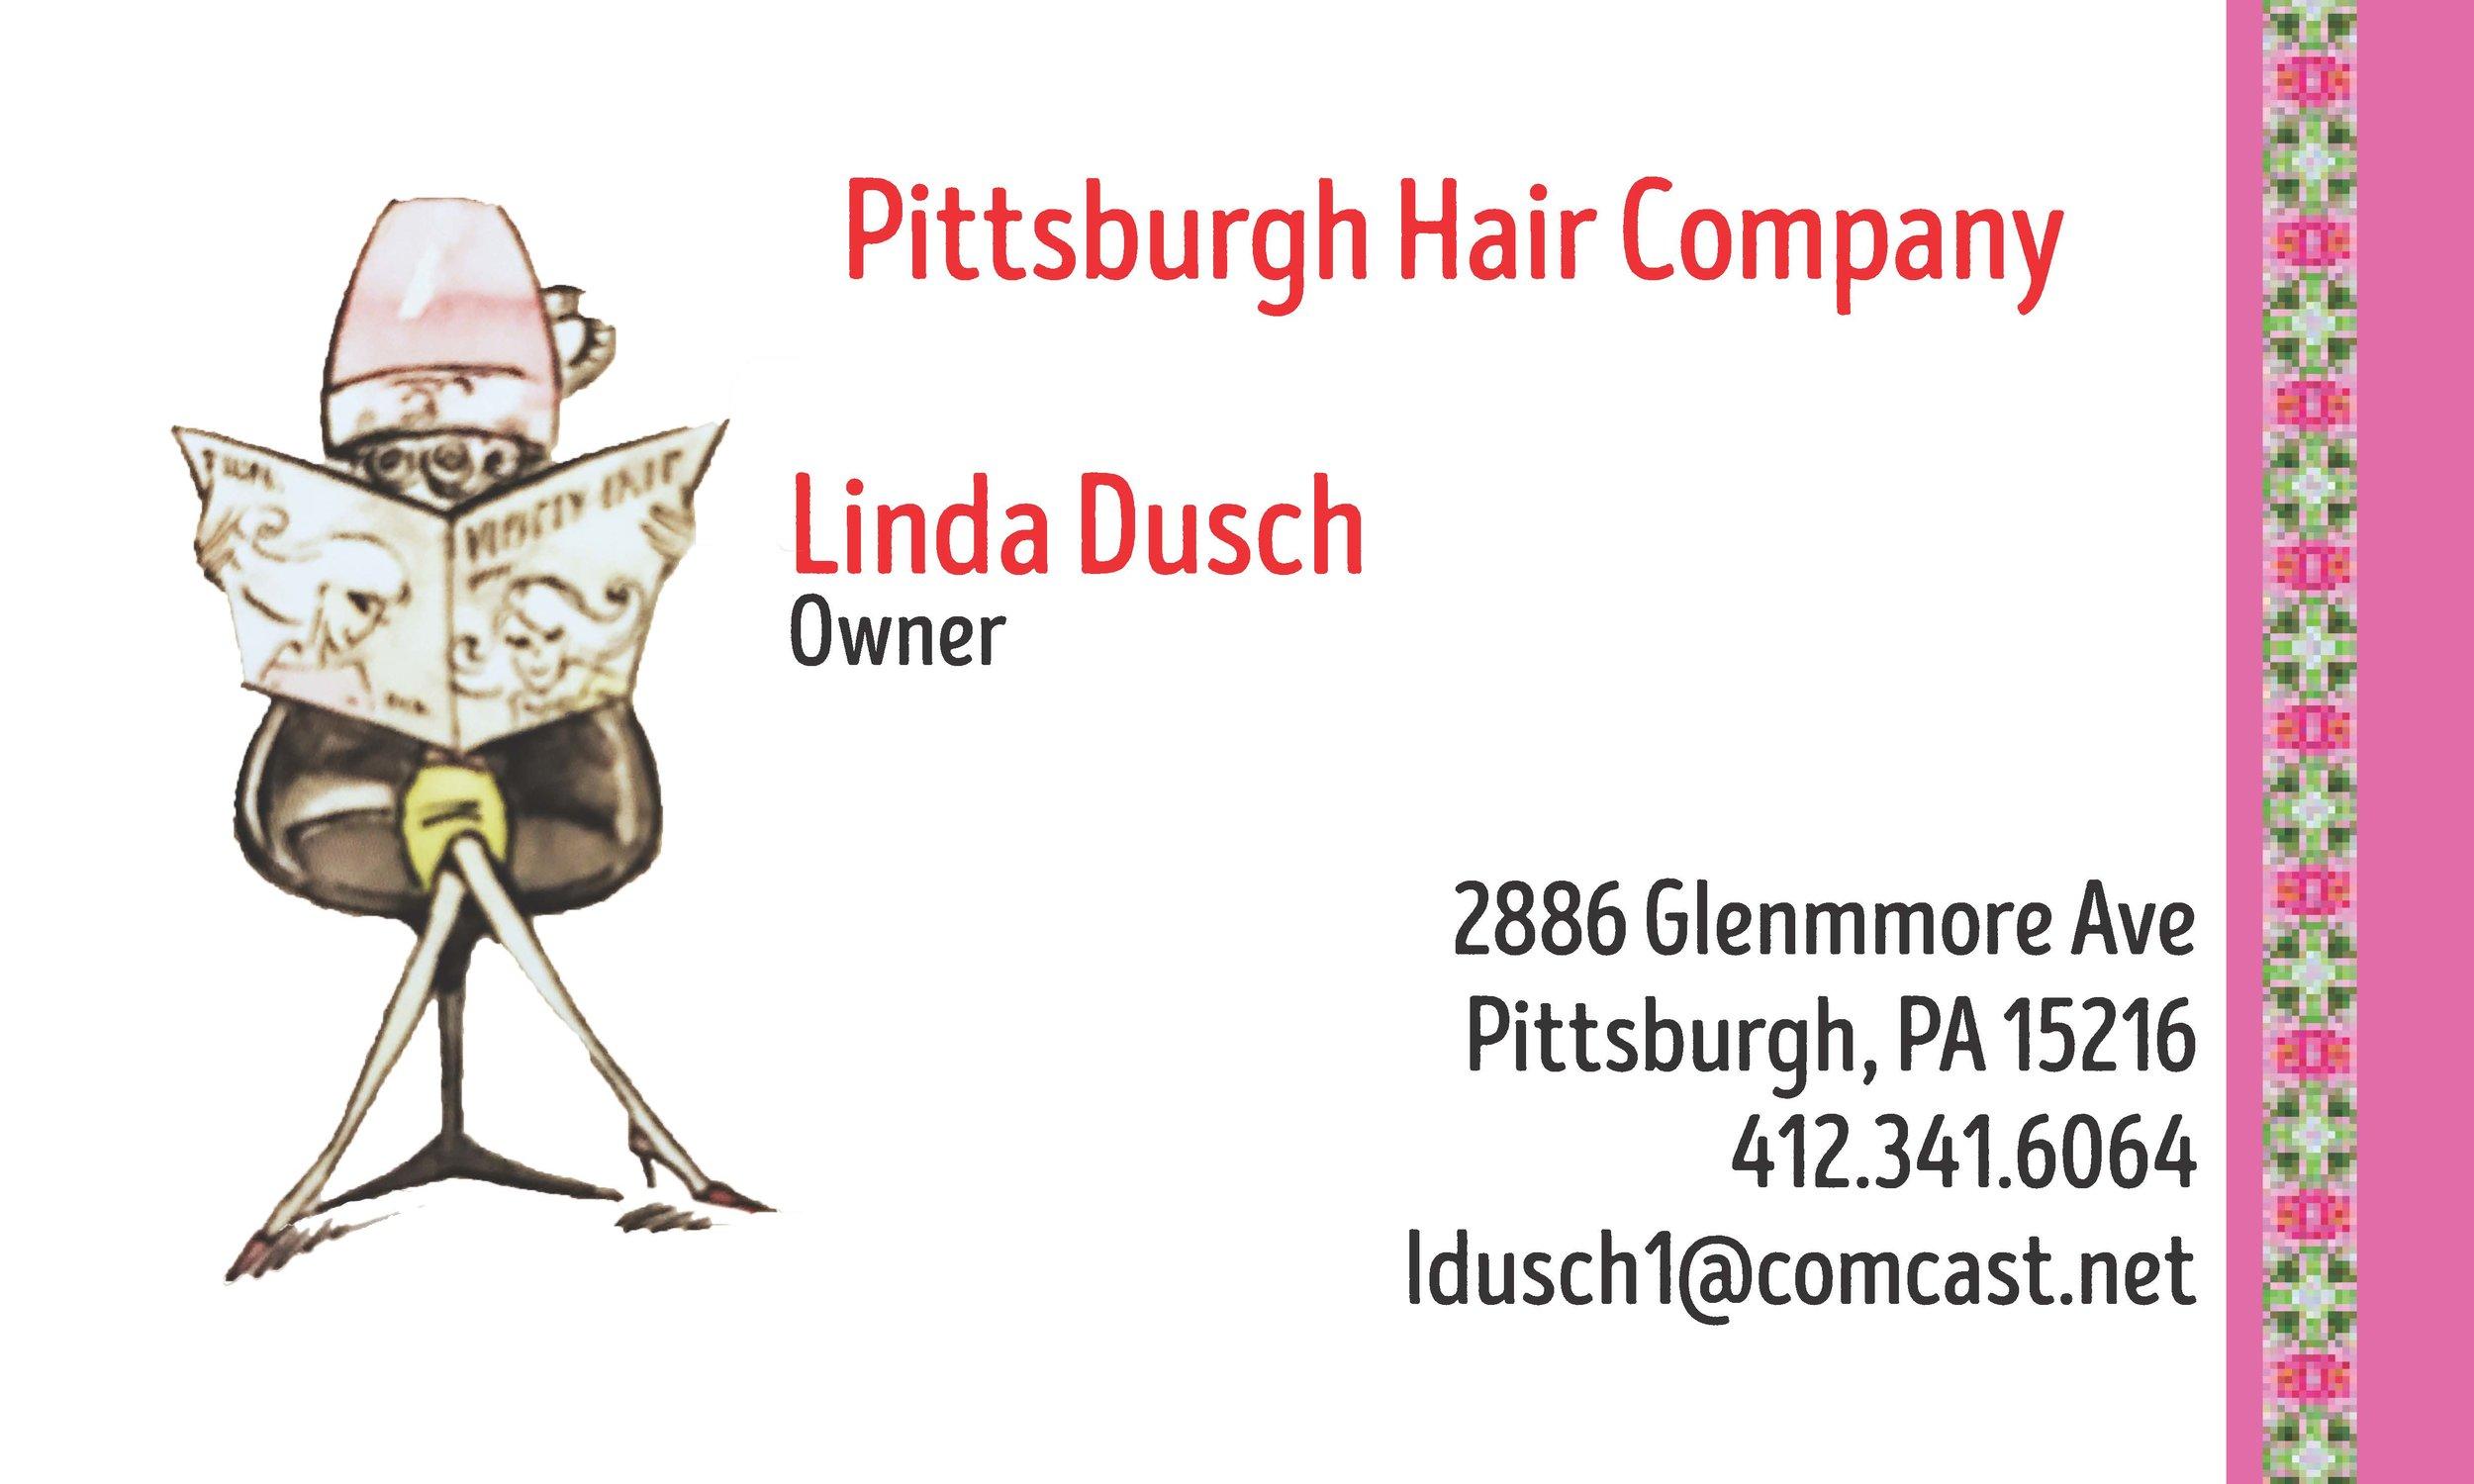 Pgh Hair Co BC.jpg